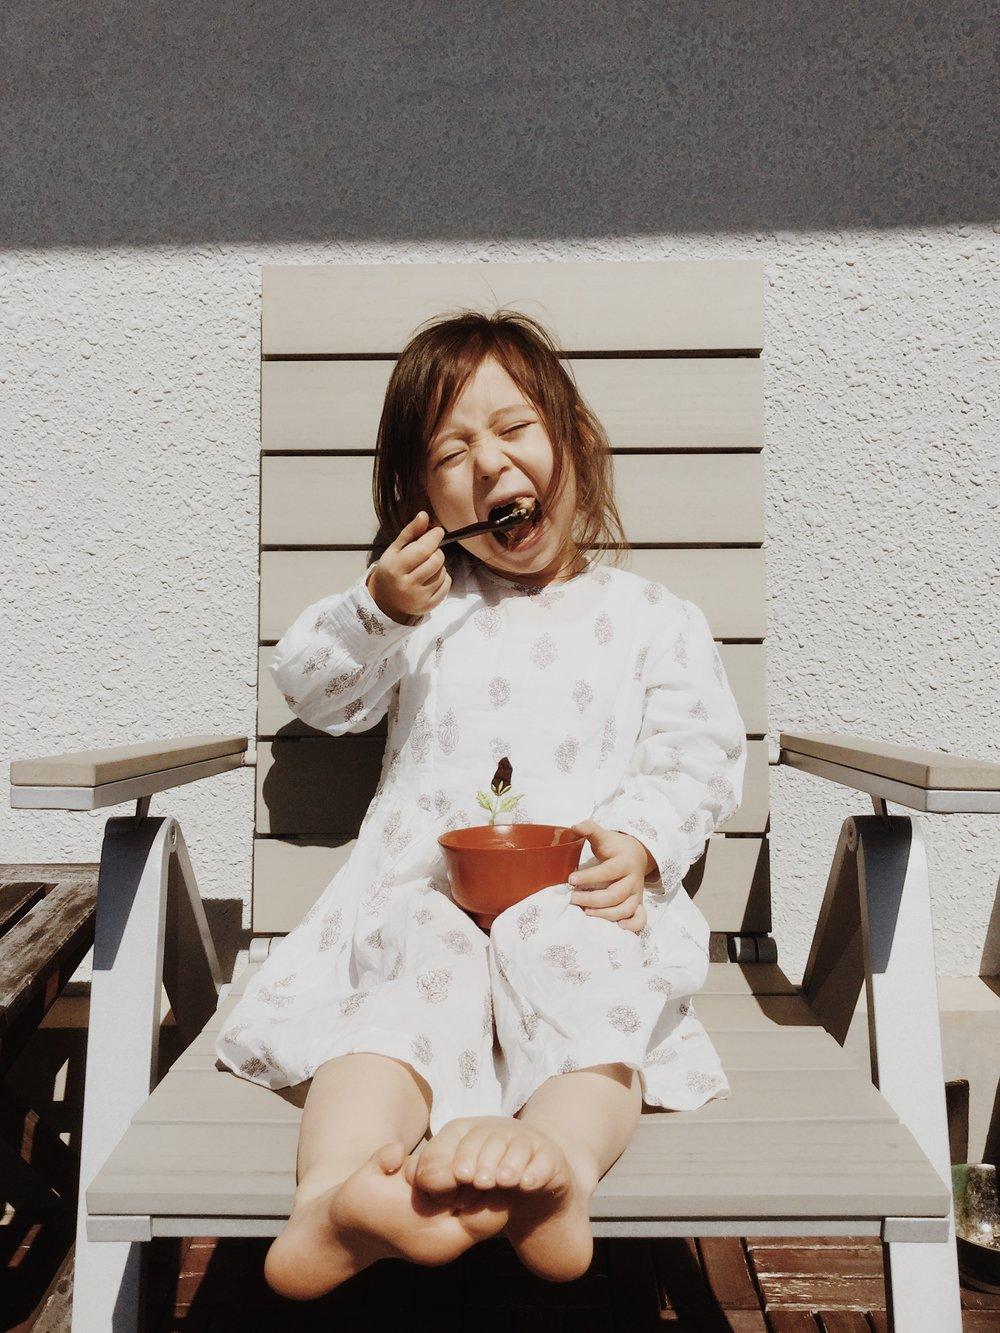 今回ハワイにてアンナさんのフルーツポリッジが食べれなかったパドマさん、新しいおうちのテラスで南の島を想いながら、お空の下でポリッジタイム。